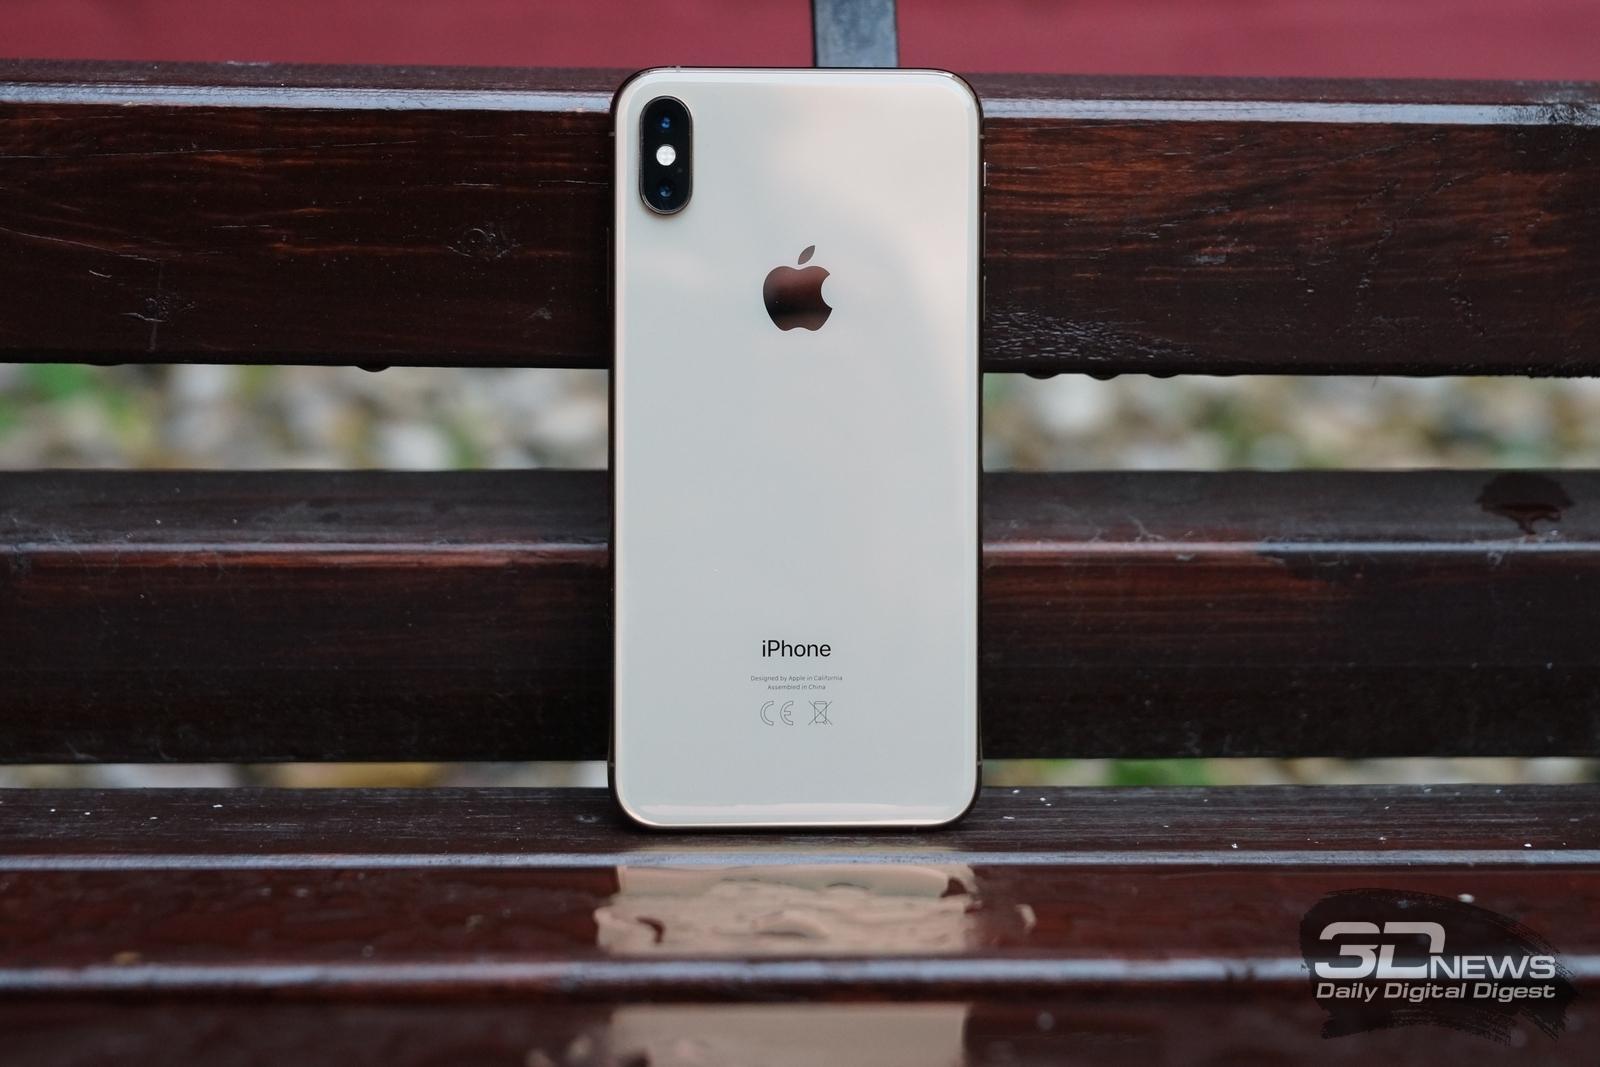 bf2f137a27c87 С момента анонса iPhone Xs и Xs Max («десять эс», ни в коем случае не «икс  эс»!) прошло уже больше месяца, их технические характеристики и отличия от  ...